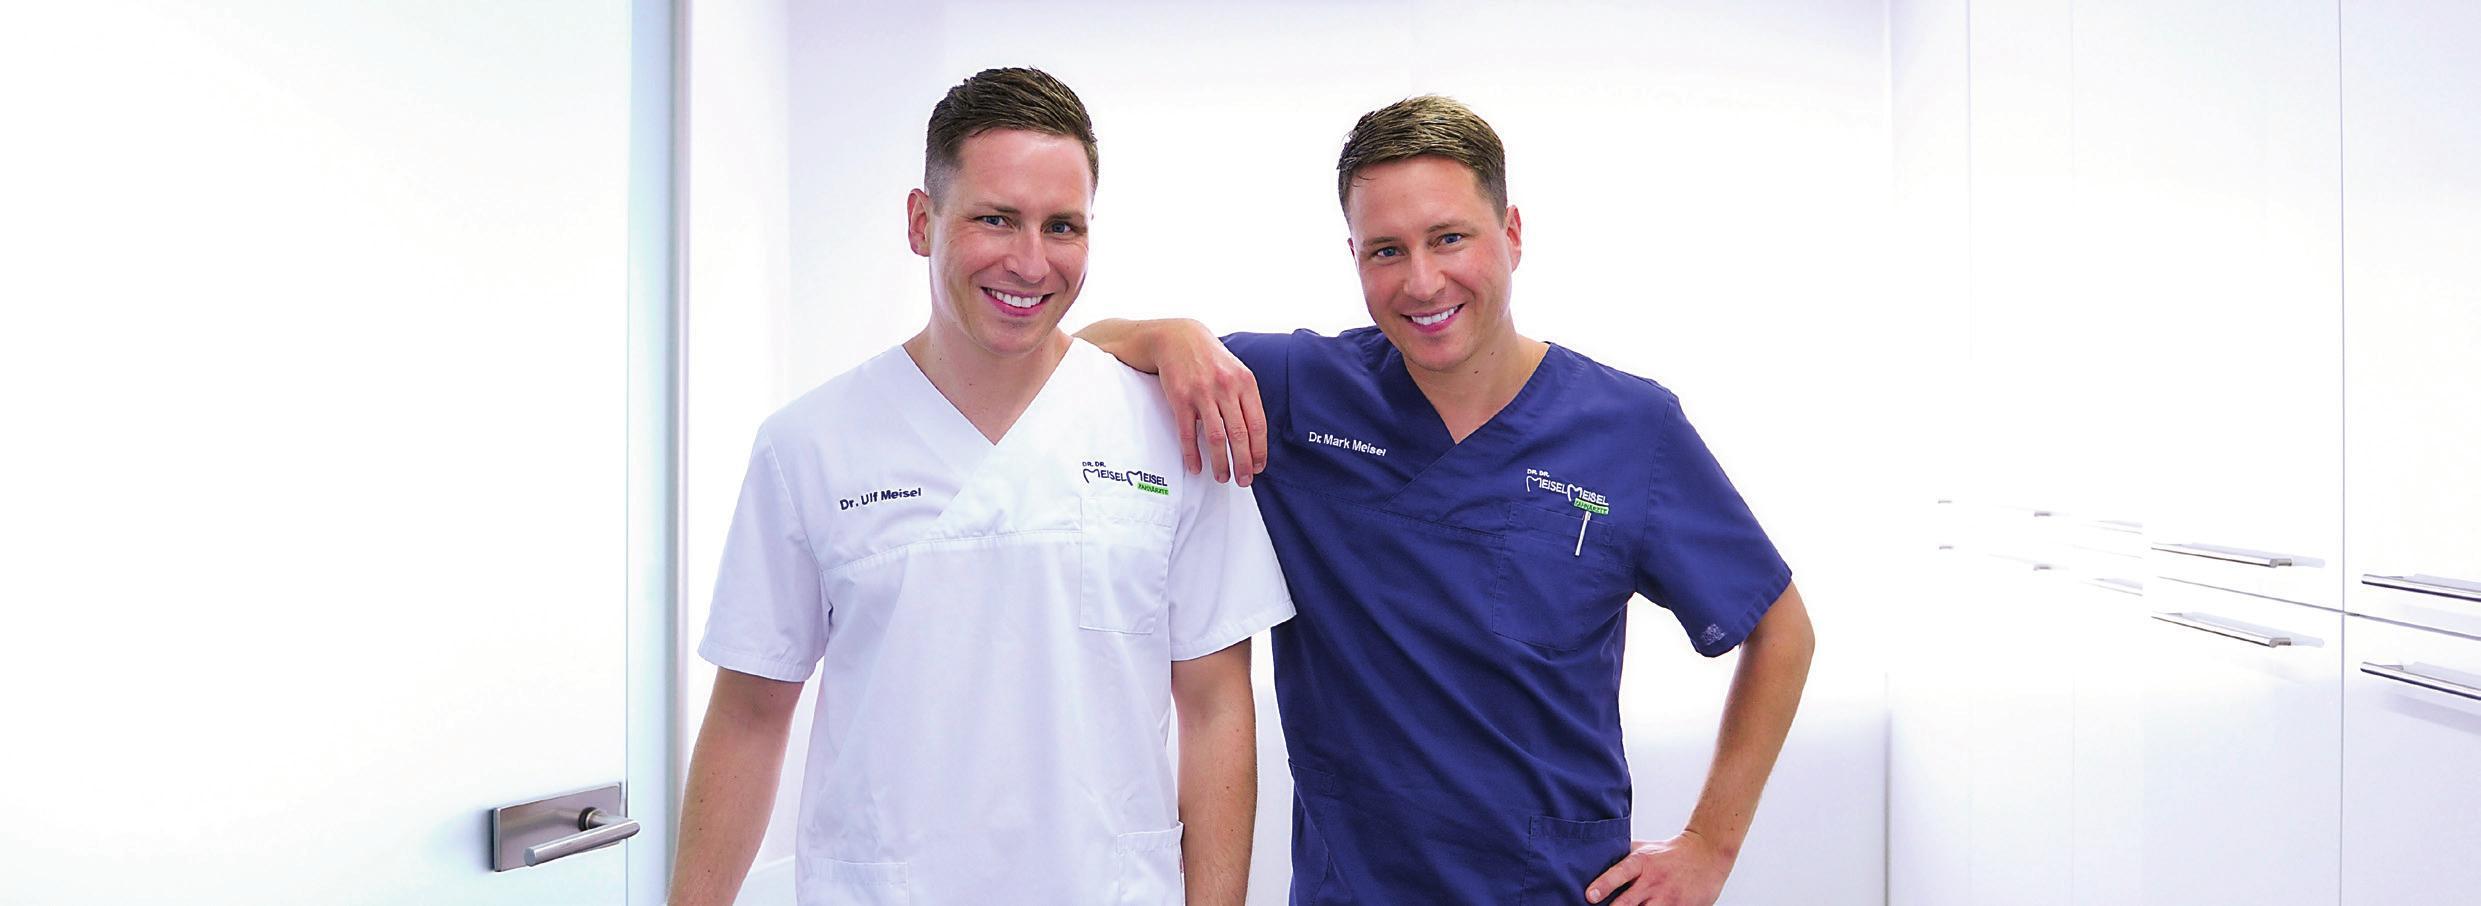 """Die zertifizierten Implantologen Dr. Ulf Meisel (links) und Dr. Mark Meisel machen in ihrer Praxis in Nürnberg beste Erfahrungen mit dem Werkstoff """"Keramik""""."""